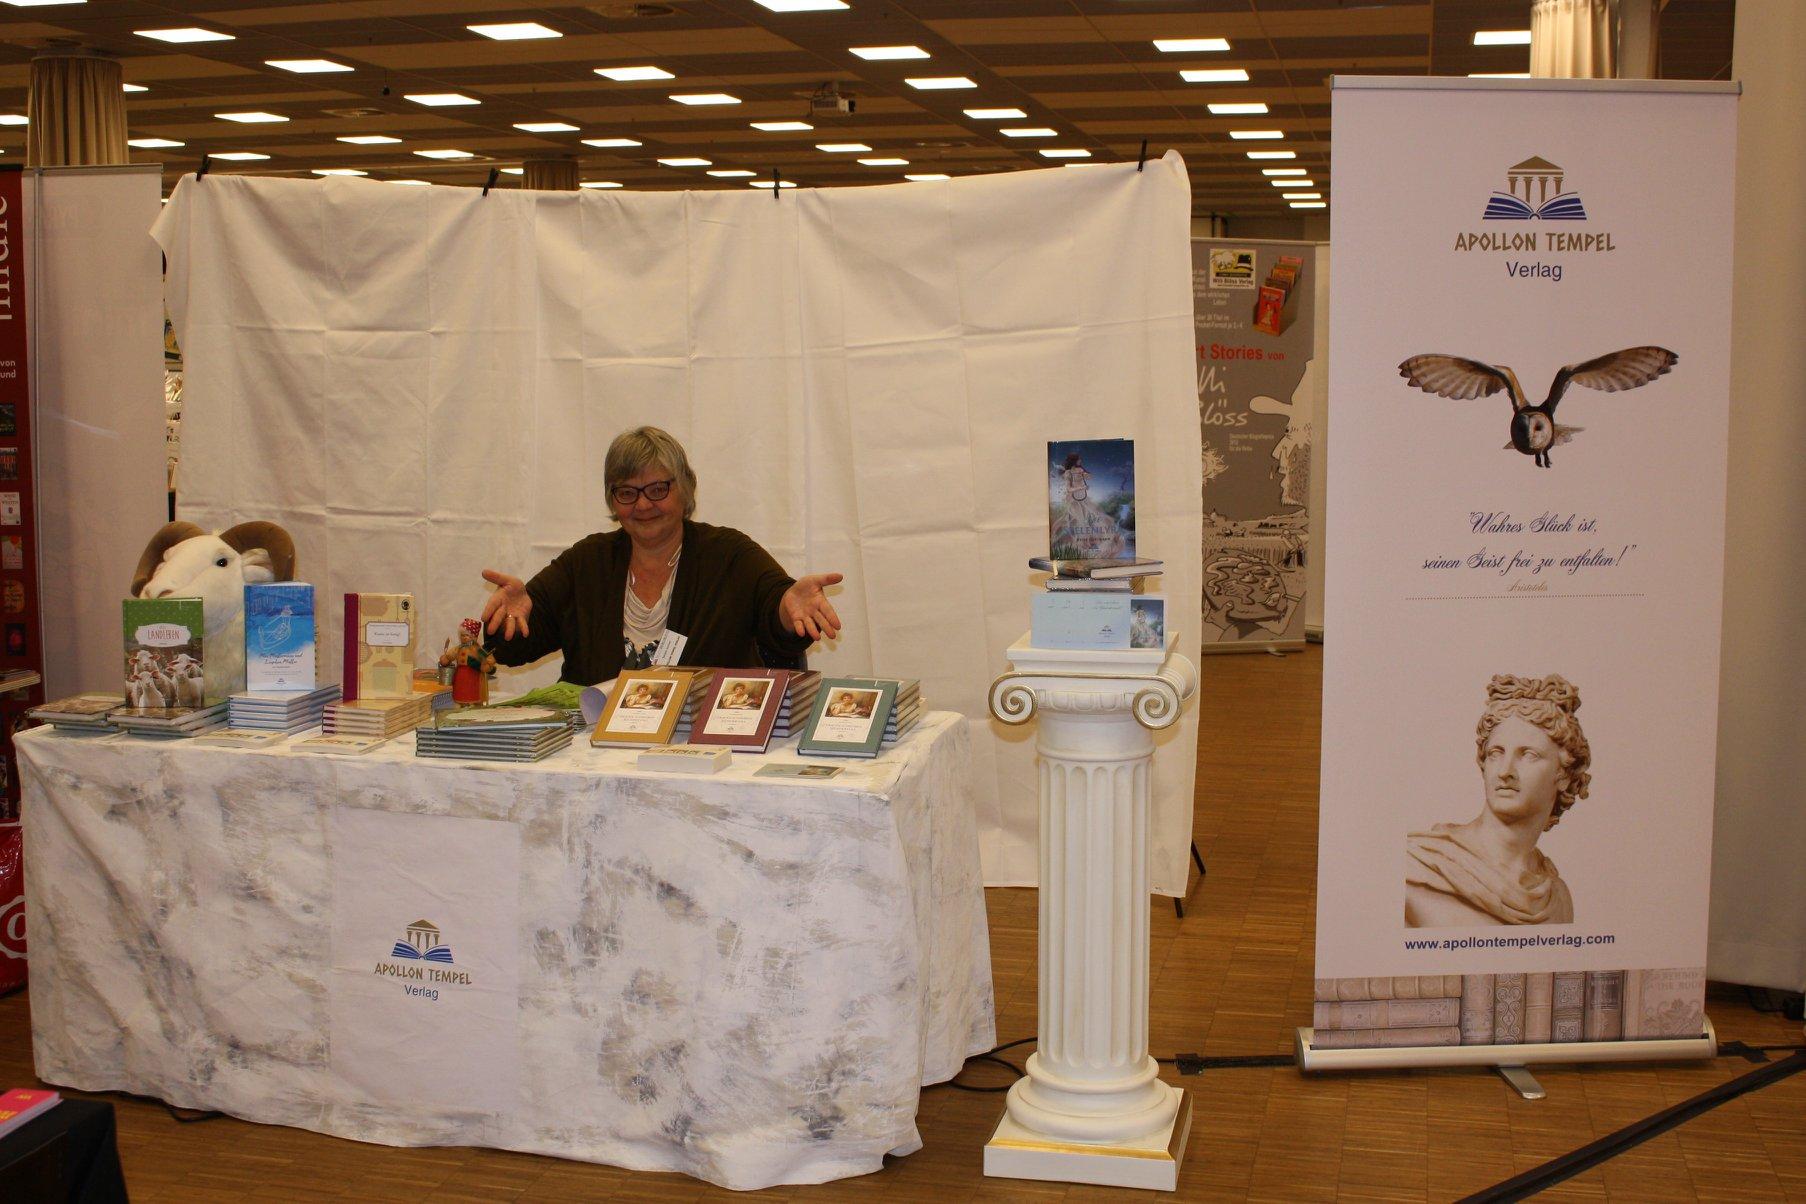 Buchmesse BuchBerlin 2018, Apollon Tempel Verlag, Barbara Buchner